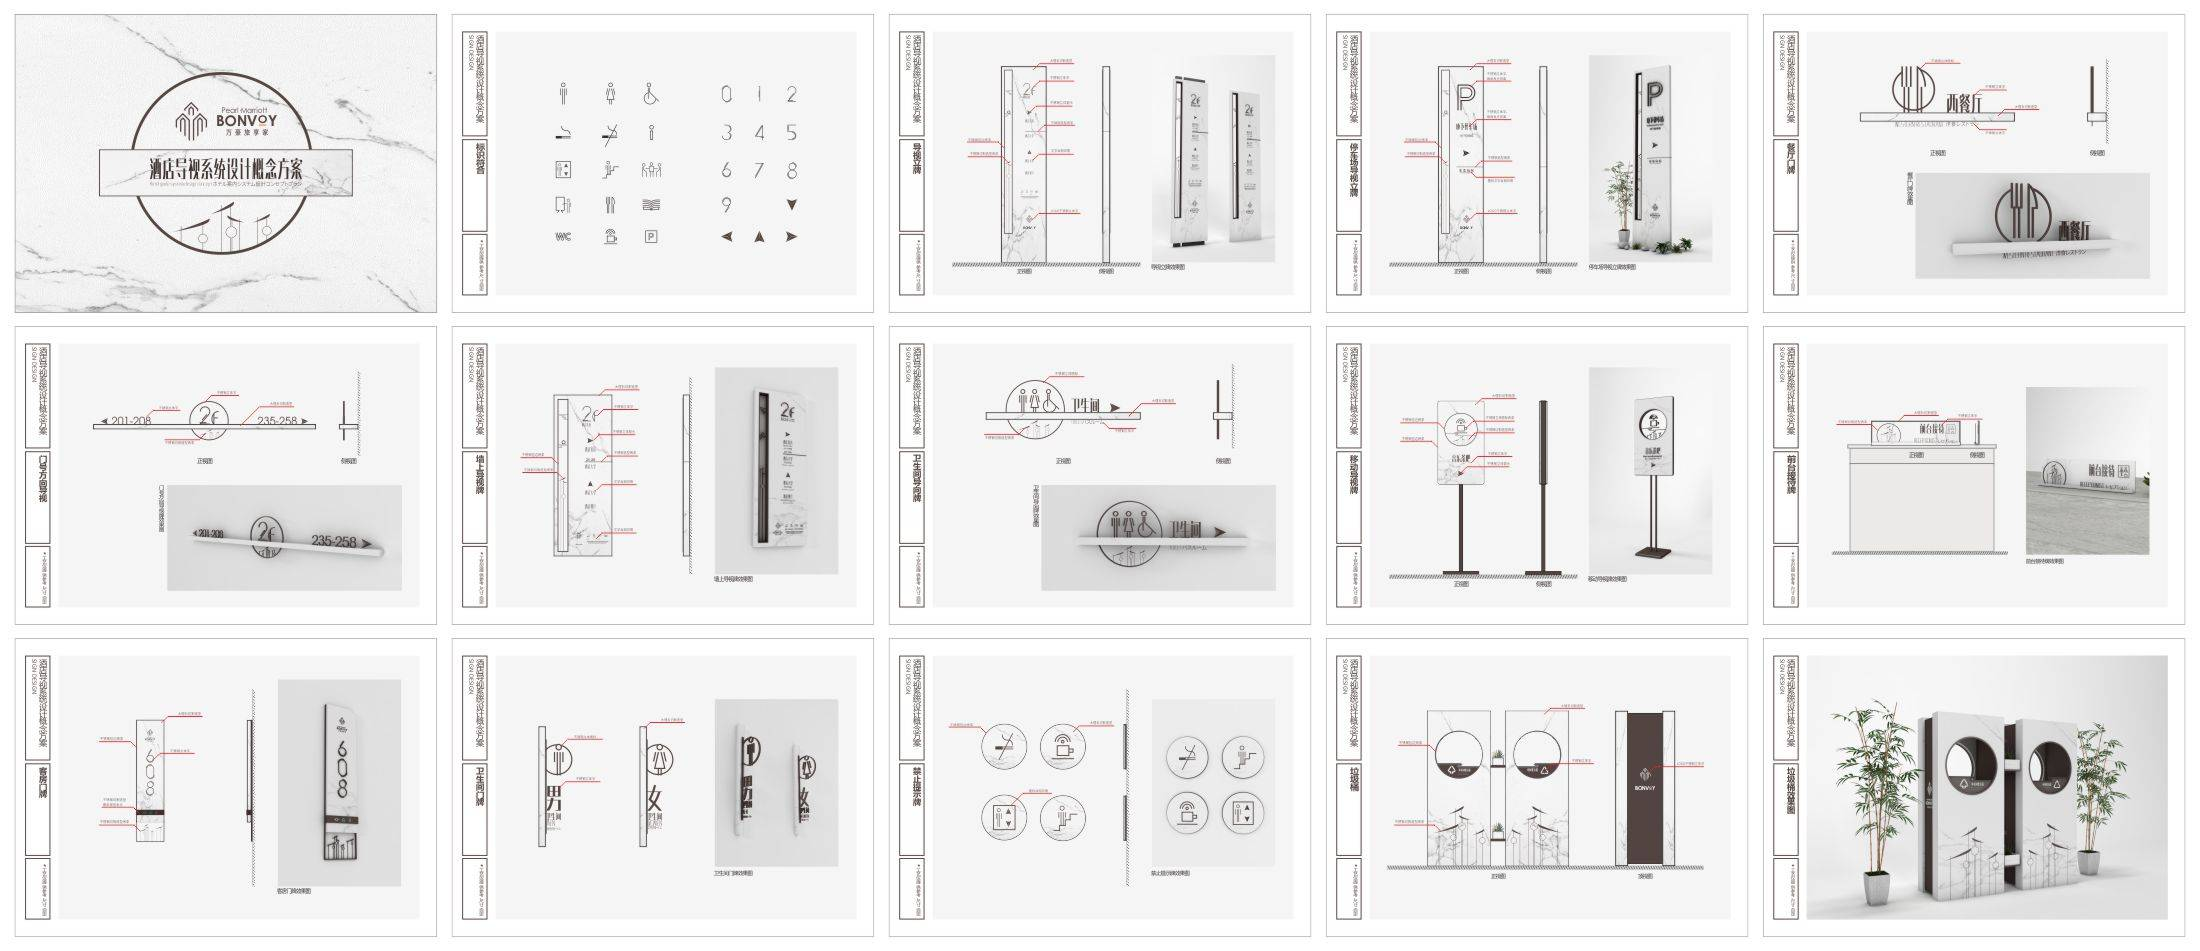 大理石材质时尚现代酒店导视系统设计源文件模板-C4D标识标牌vi